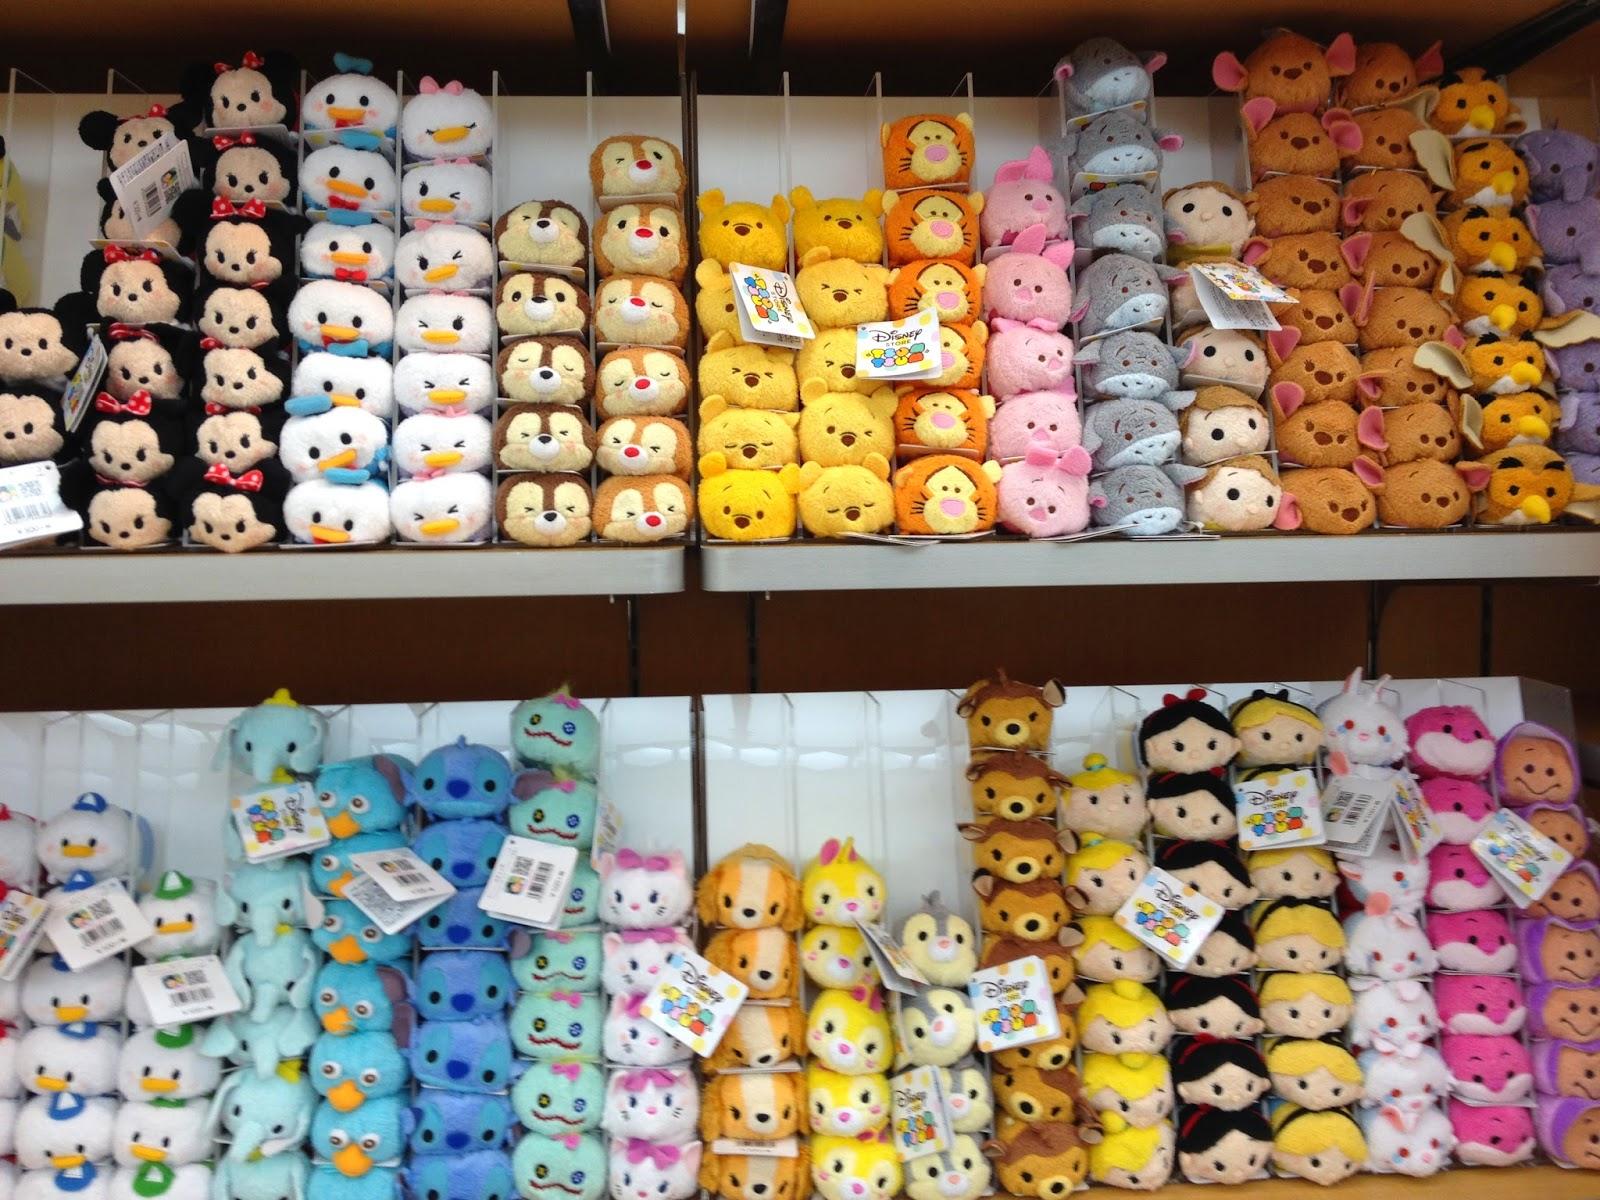 日韓美香港代購日誌: 日本代購 disney store (Tsum Tsum篇)